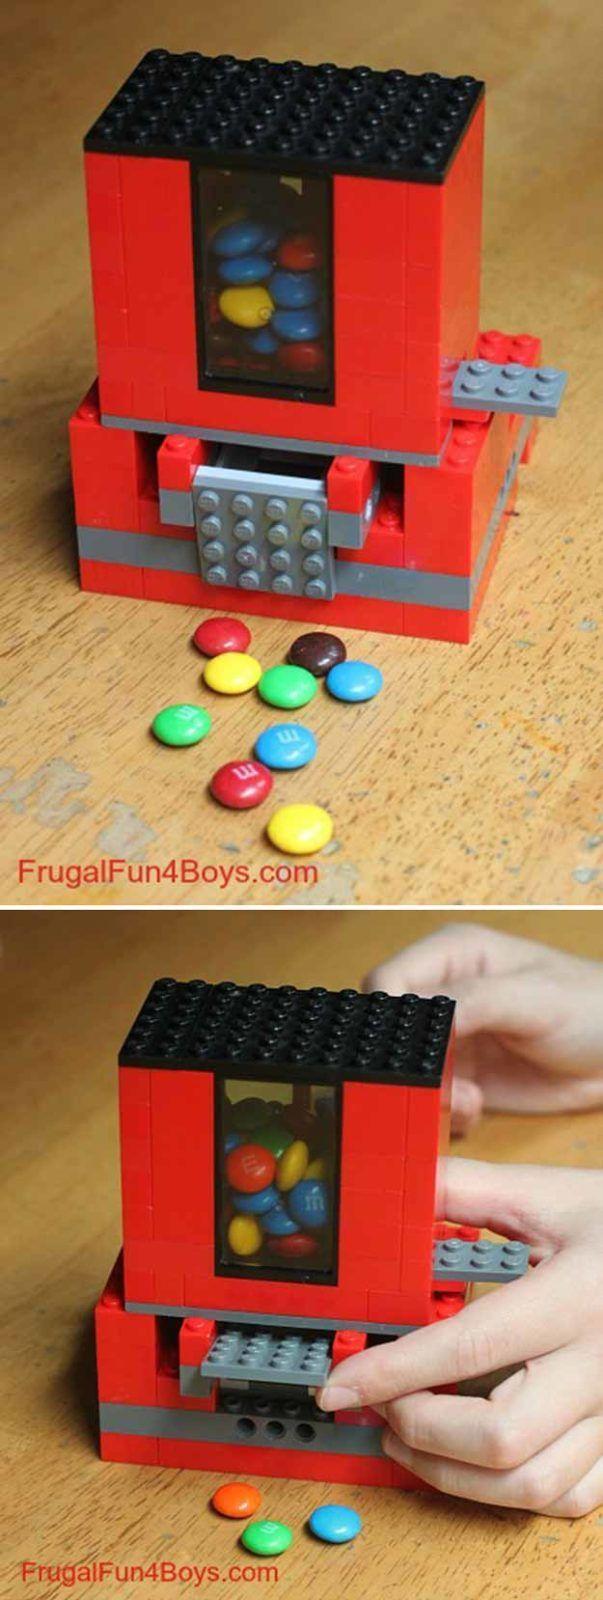 Spaß und einfach DIY Lego Crafts für Jungen | diyprojects.com / ...  #crafts #...